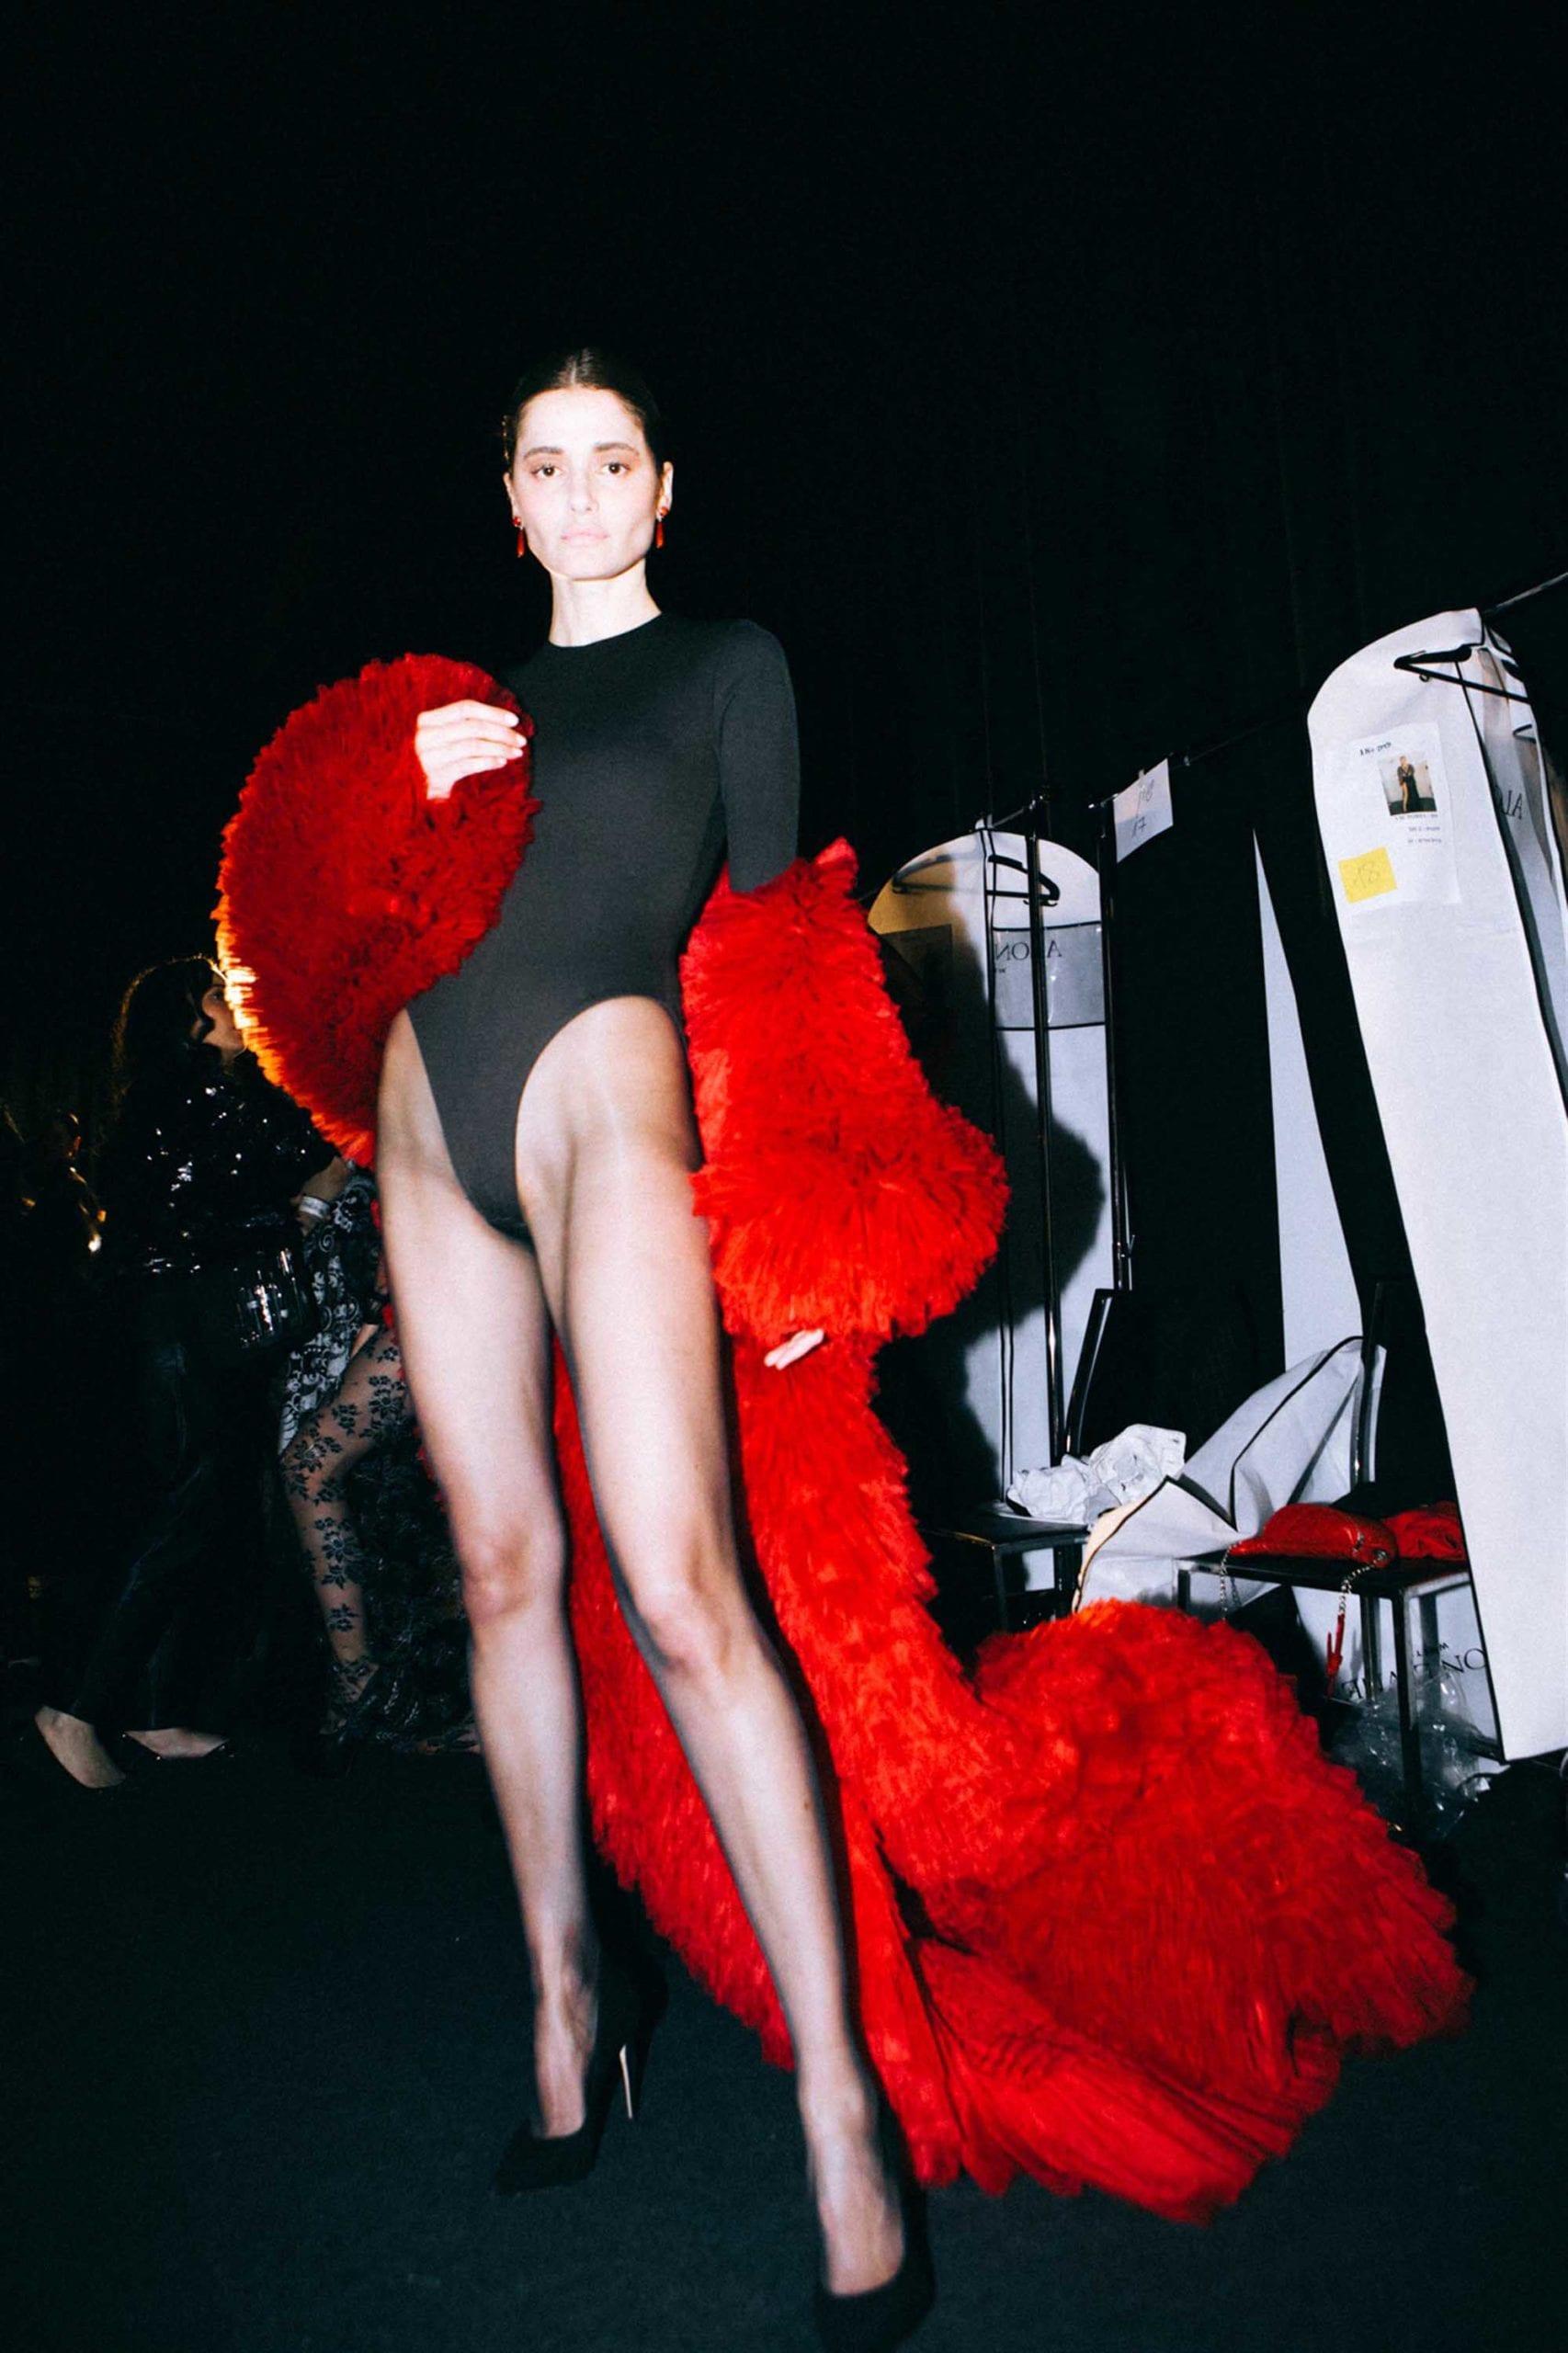 אלון ליבנה שבוע האופנה 2019 צילום עדי סגל, מגזין אופנה